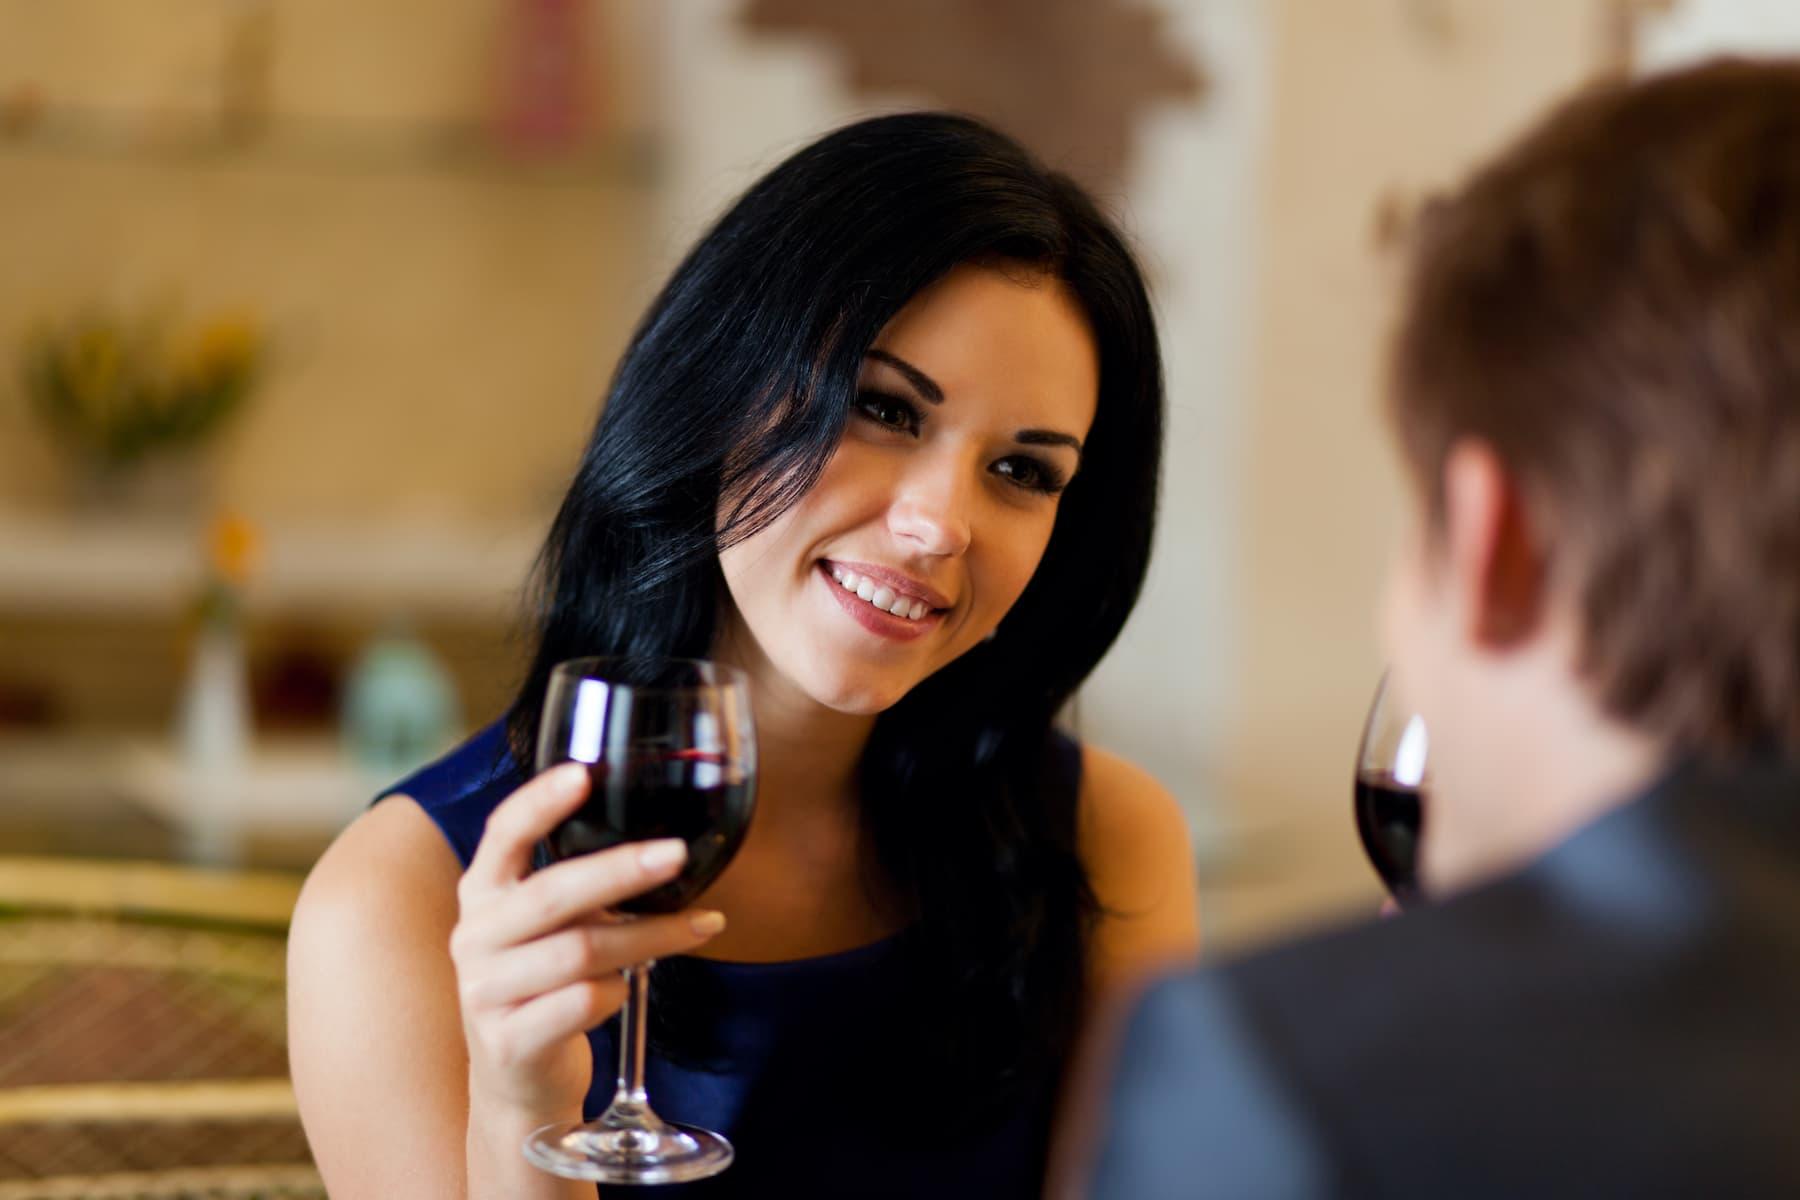 kobieta flirtuje, oznaki flirtu